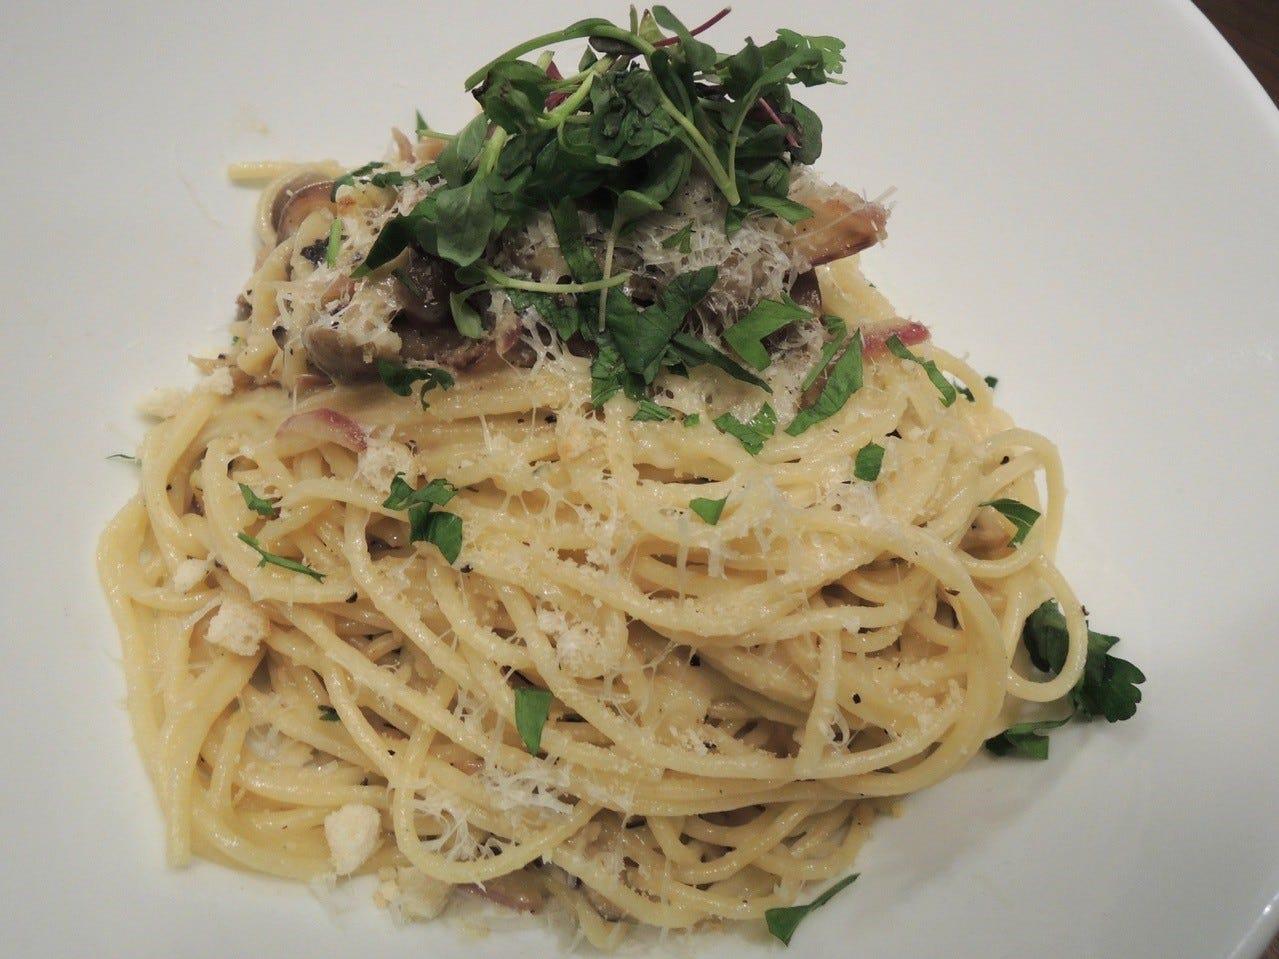 The crème fraiche pasta with wild mushrooms.